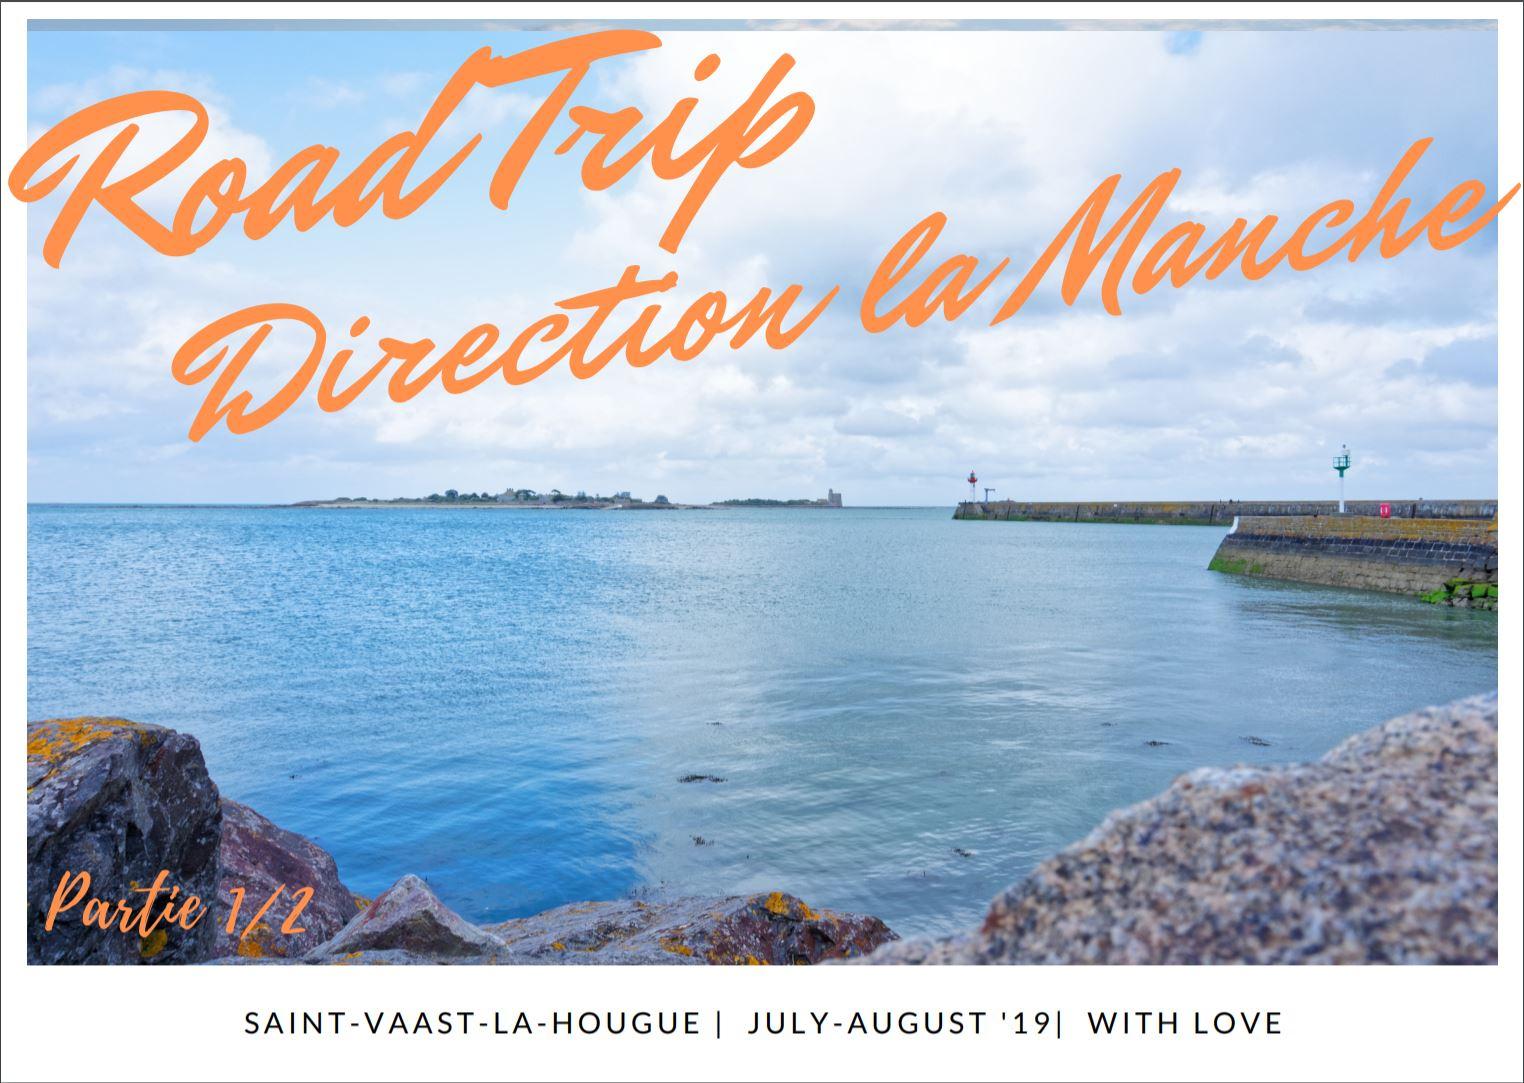 road-trip-direction-la-manche-vue-sur-le-porte-de-saint-vaast-la-hougue